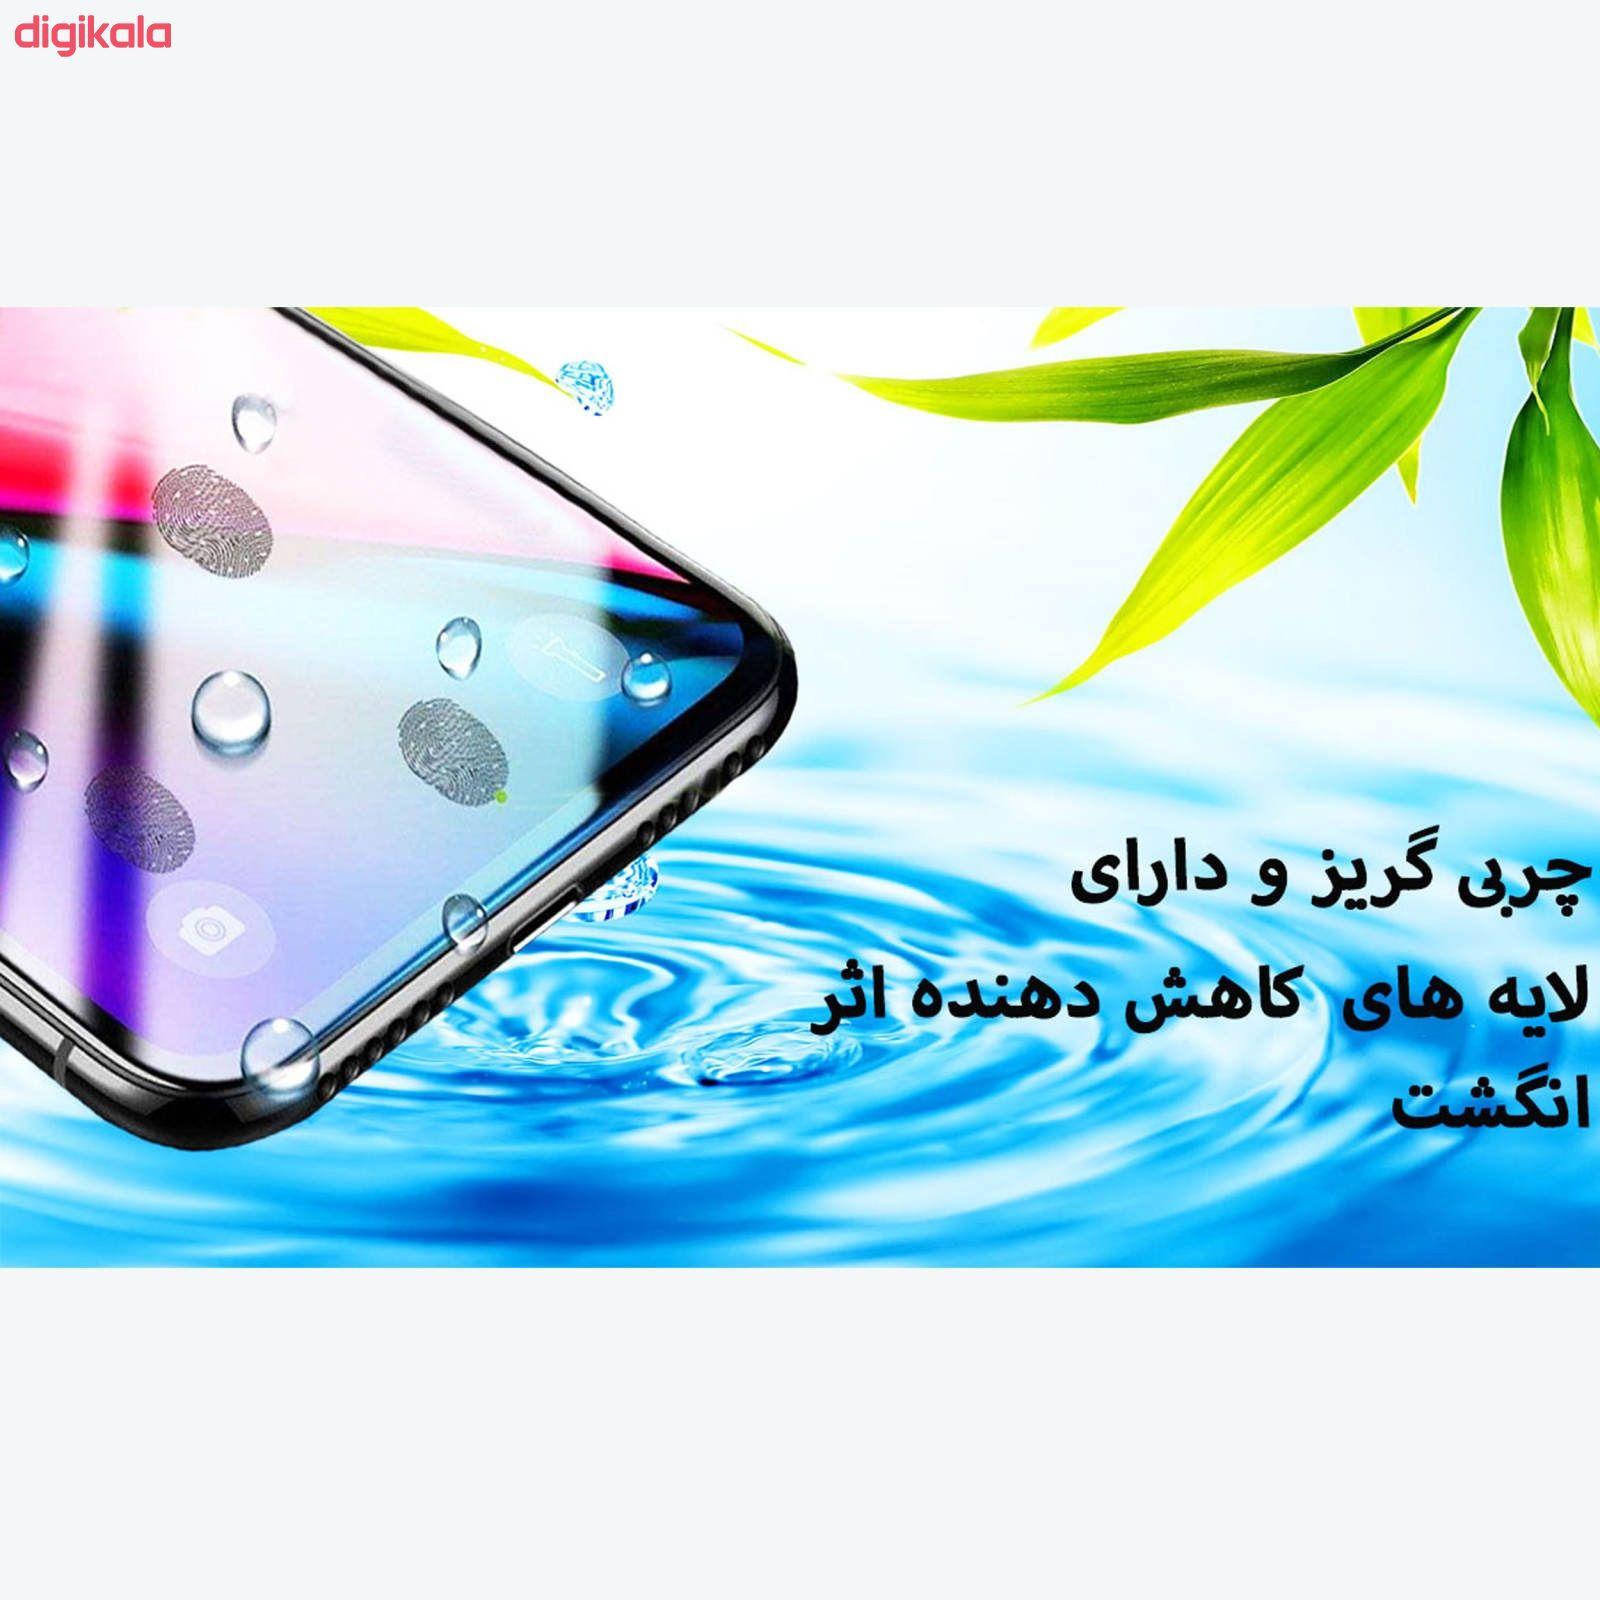 محافظ صفحه نمایش روبیکس مدل SAD-A31 مناسب برای گوشی موبایل سامسونگ Galaxy A31 main 1 2